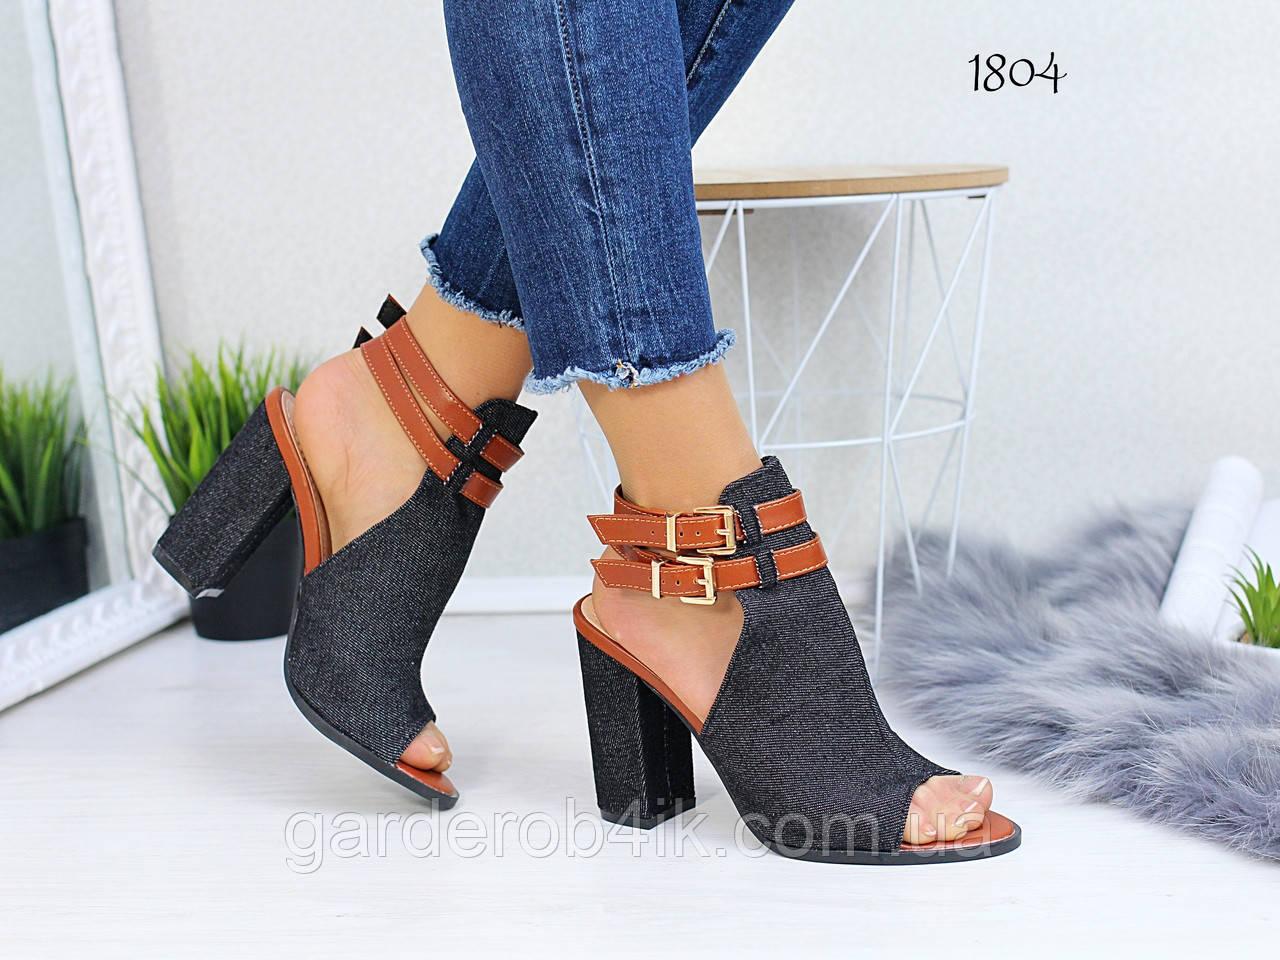 Женские босоножки джинсовые на каблуке